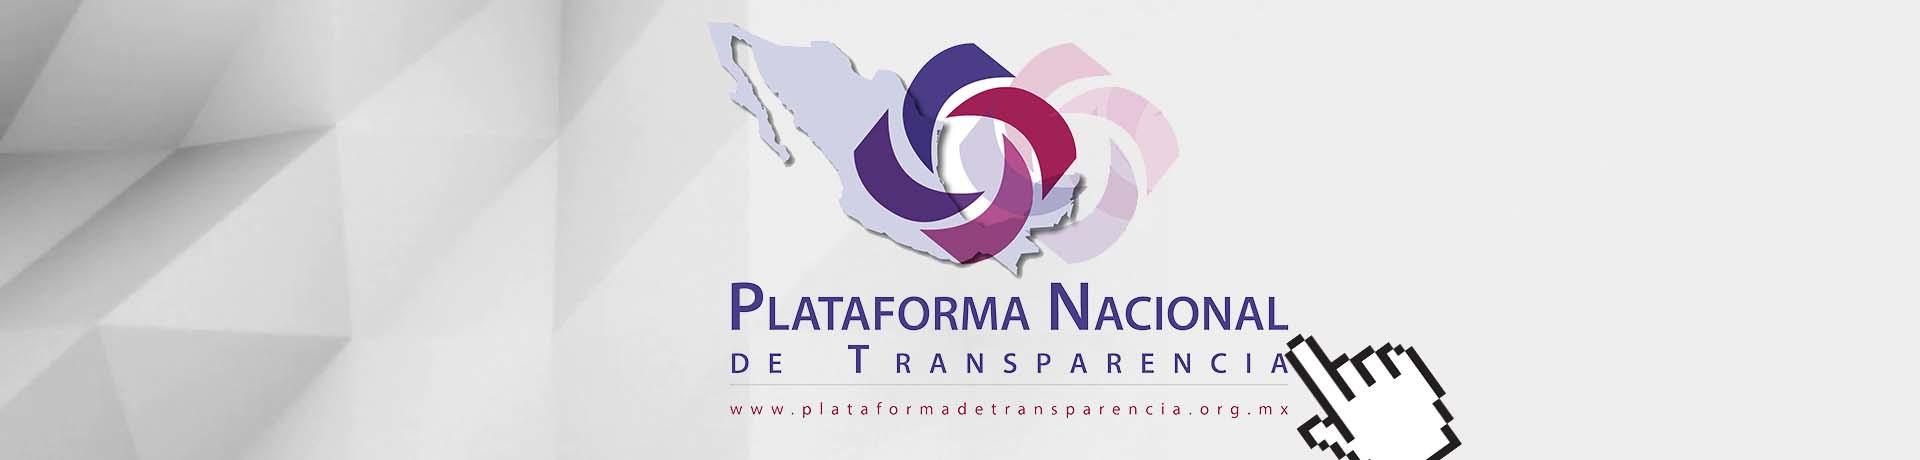 slide_transp